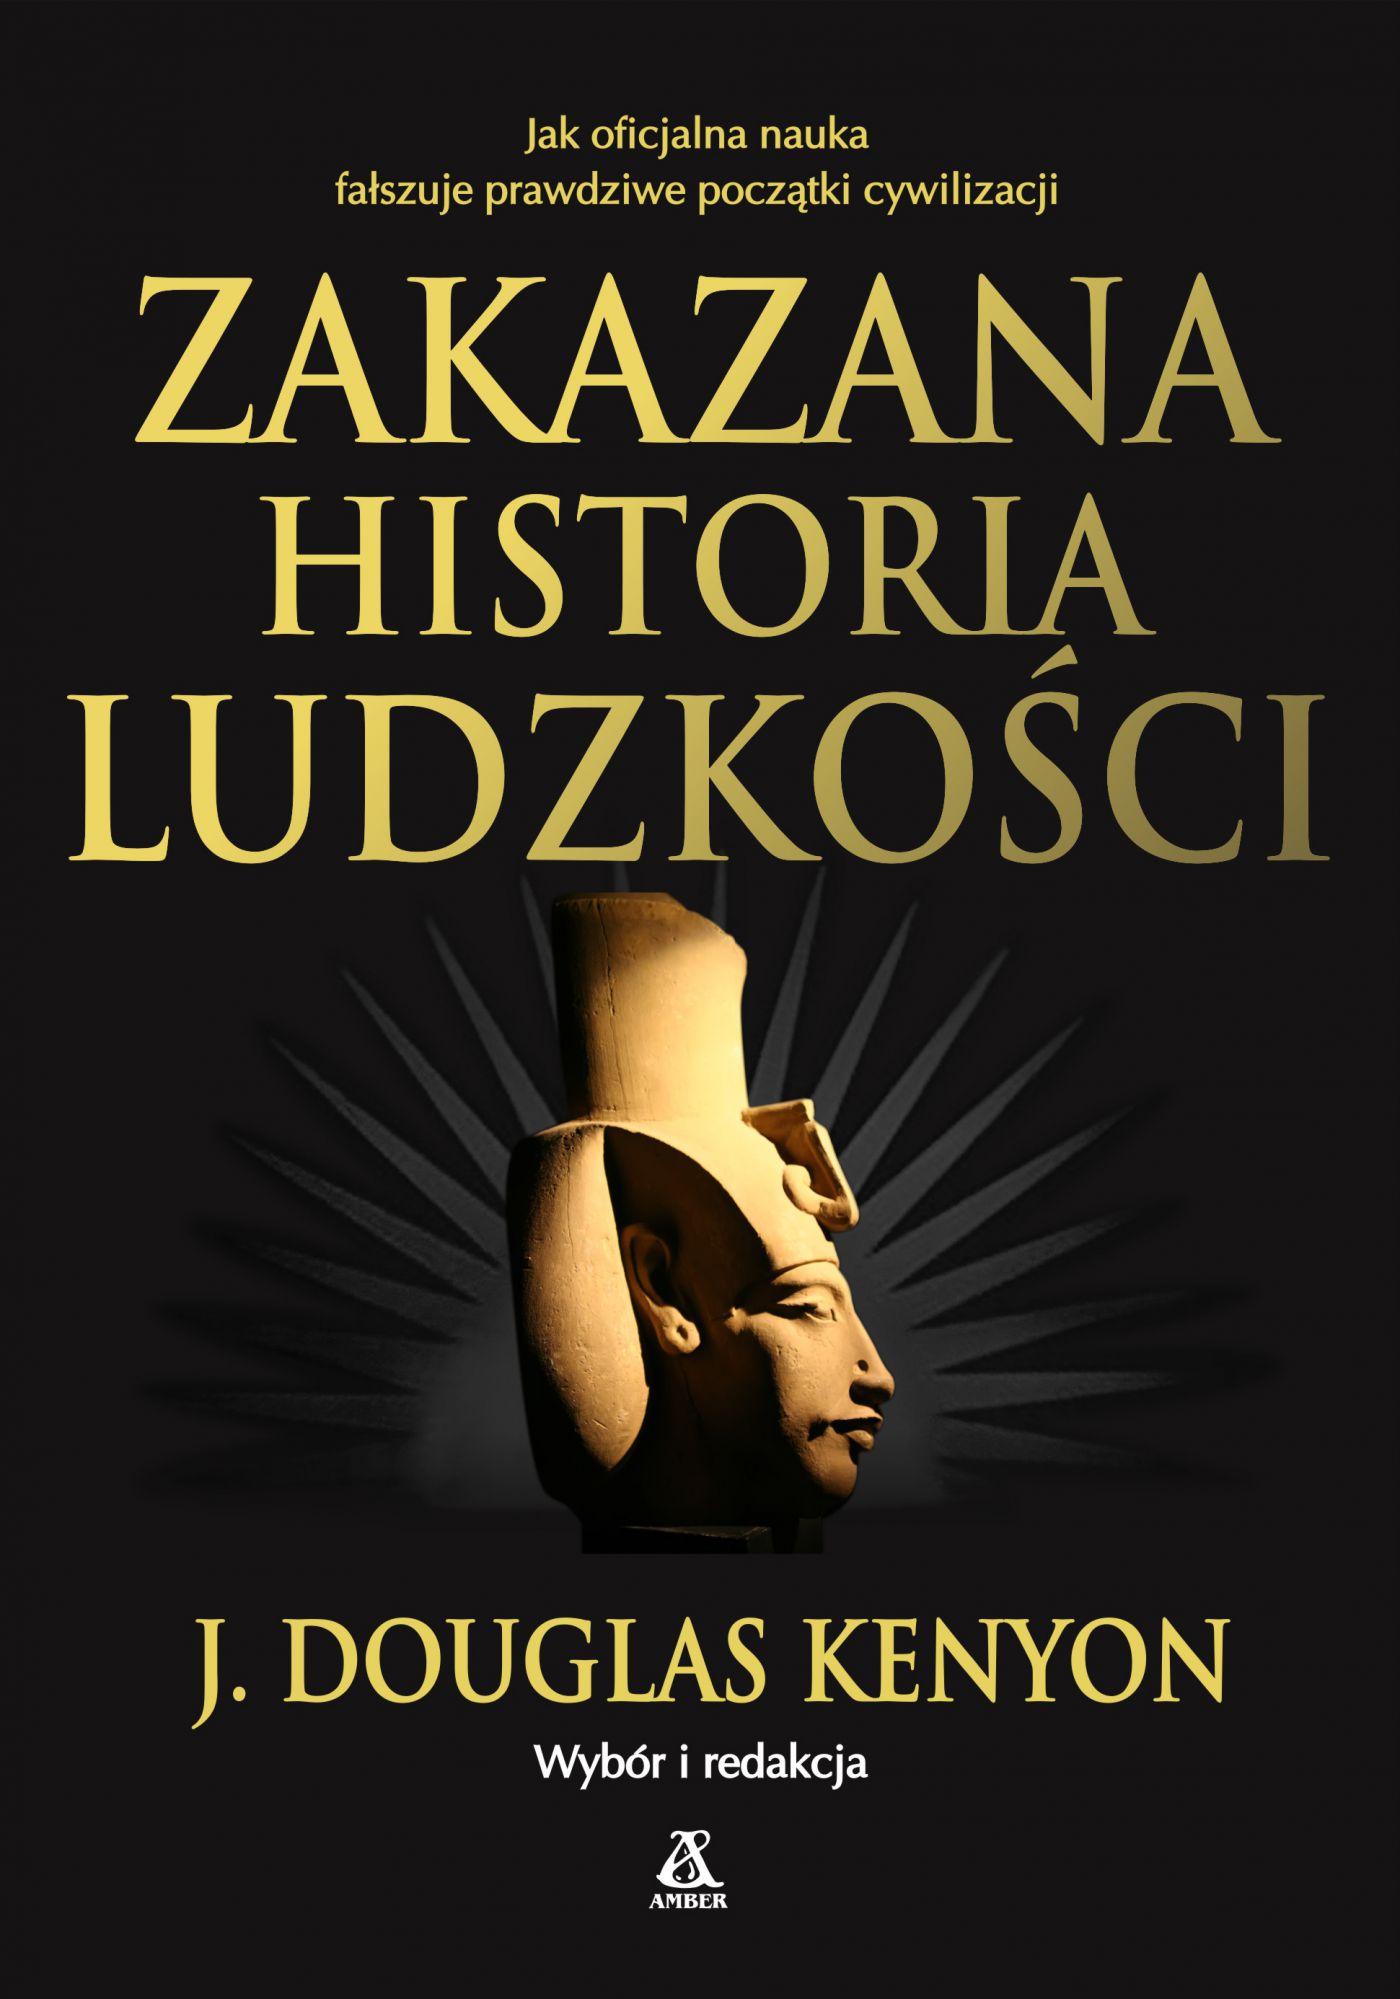 Zakazana historia ludzkości - Ebook (Książka EPUB) do pobrania w formacie EPUB